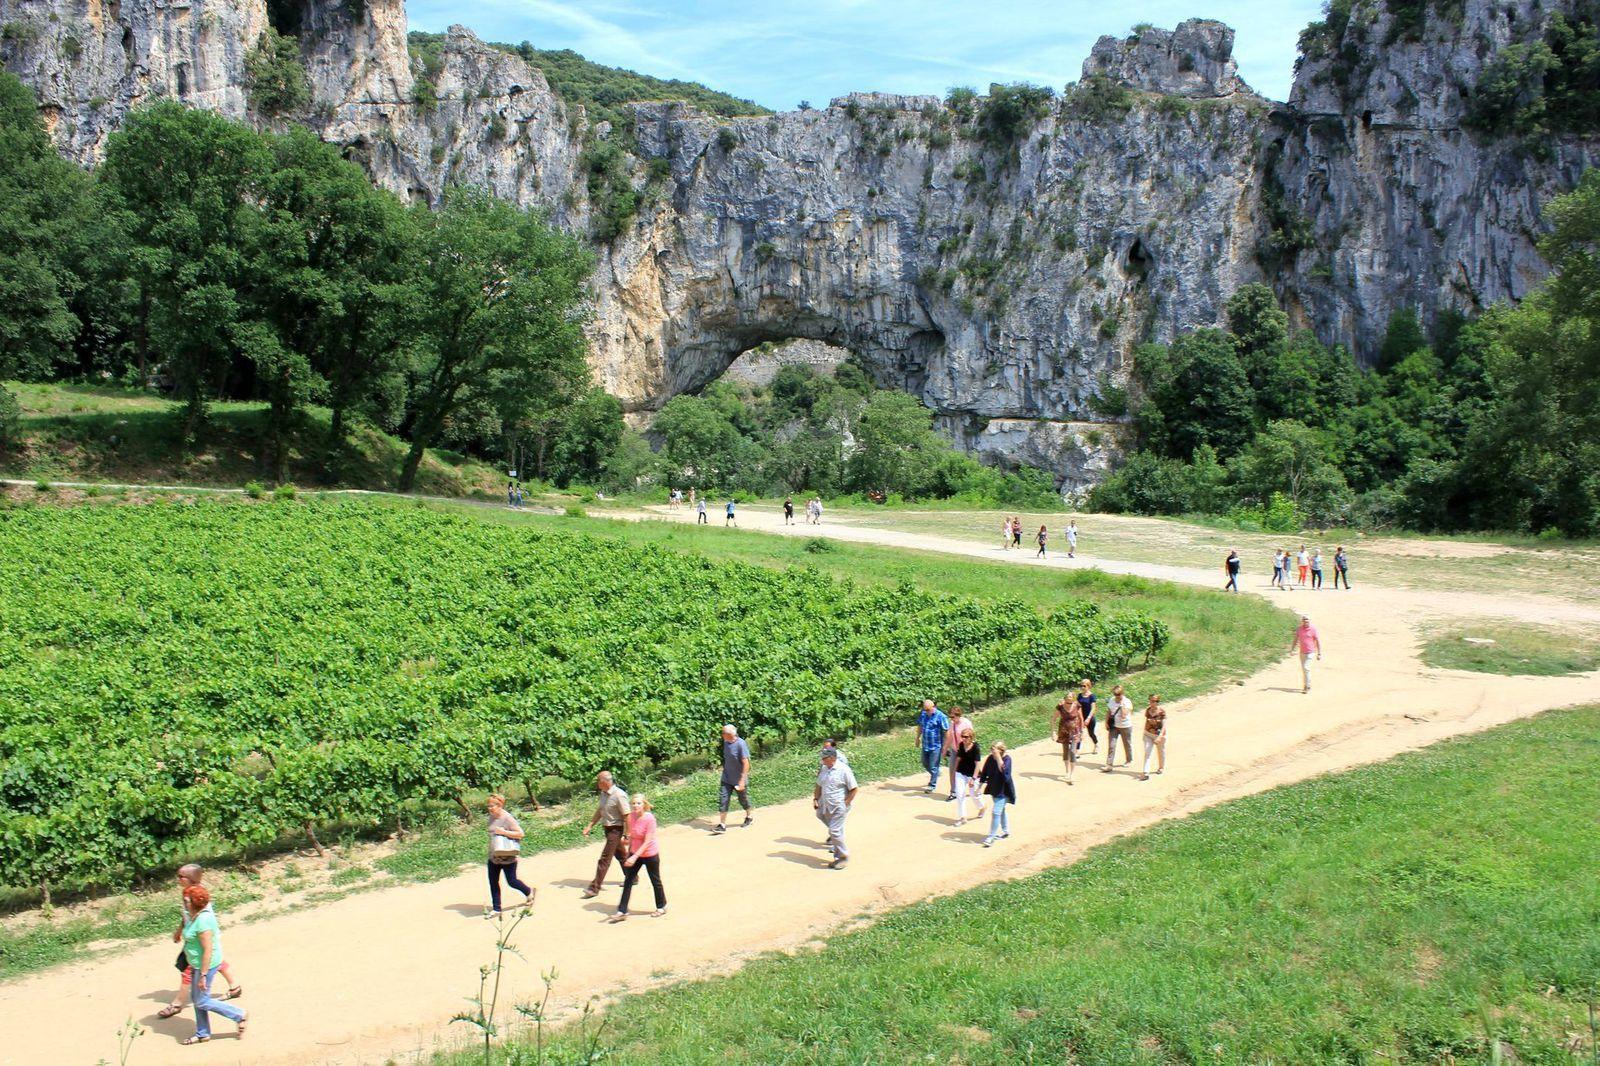 2017 06 09 - Visite de la Grotte Chauvet - du Pont d'Arc et du Musée de la Lavande de St Remèze